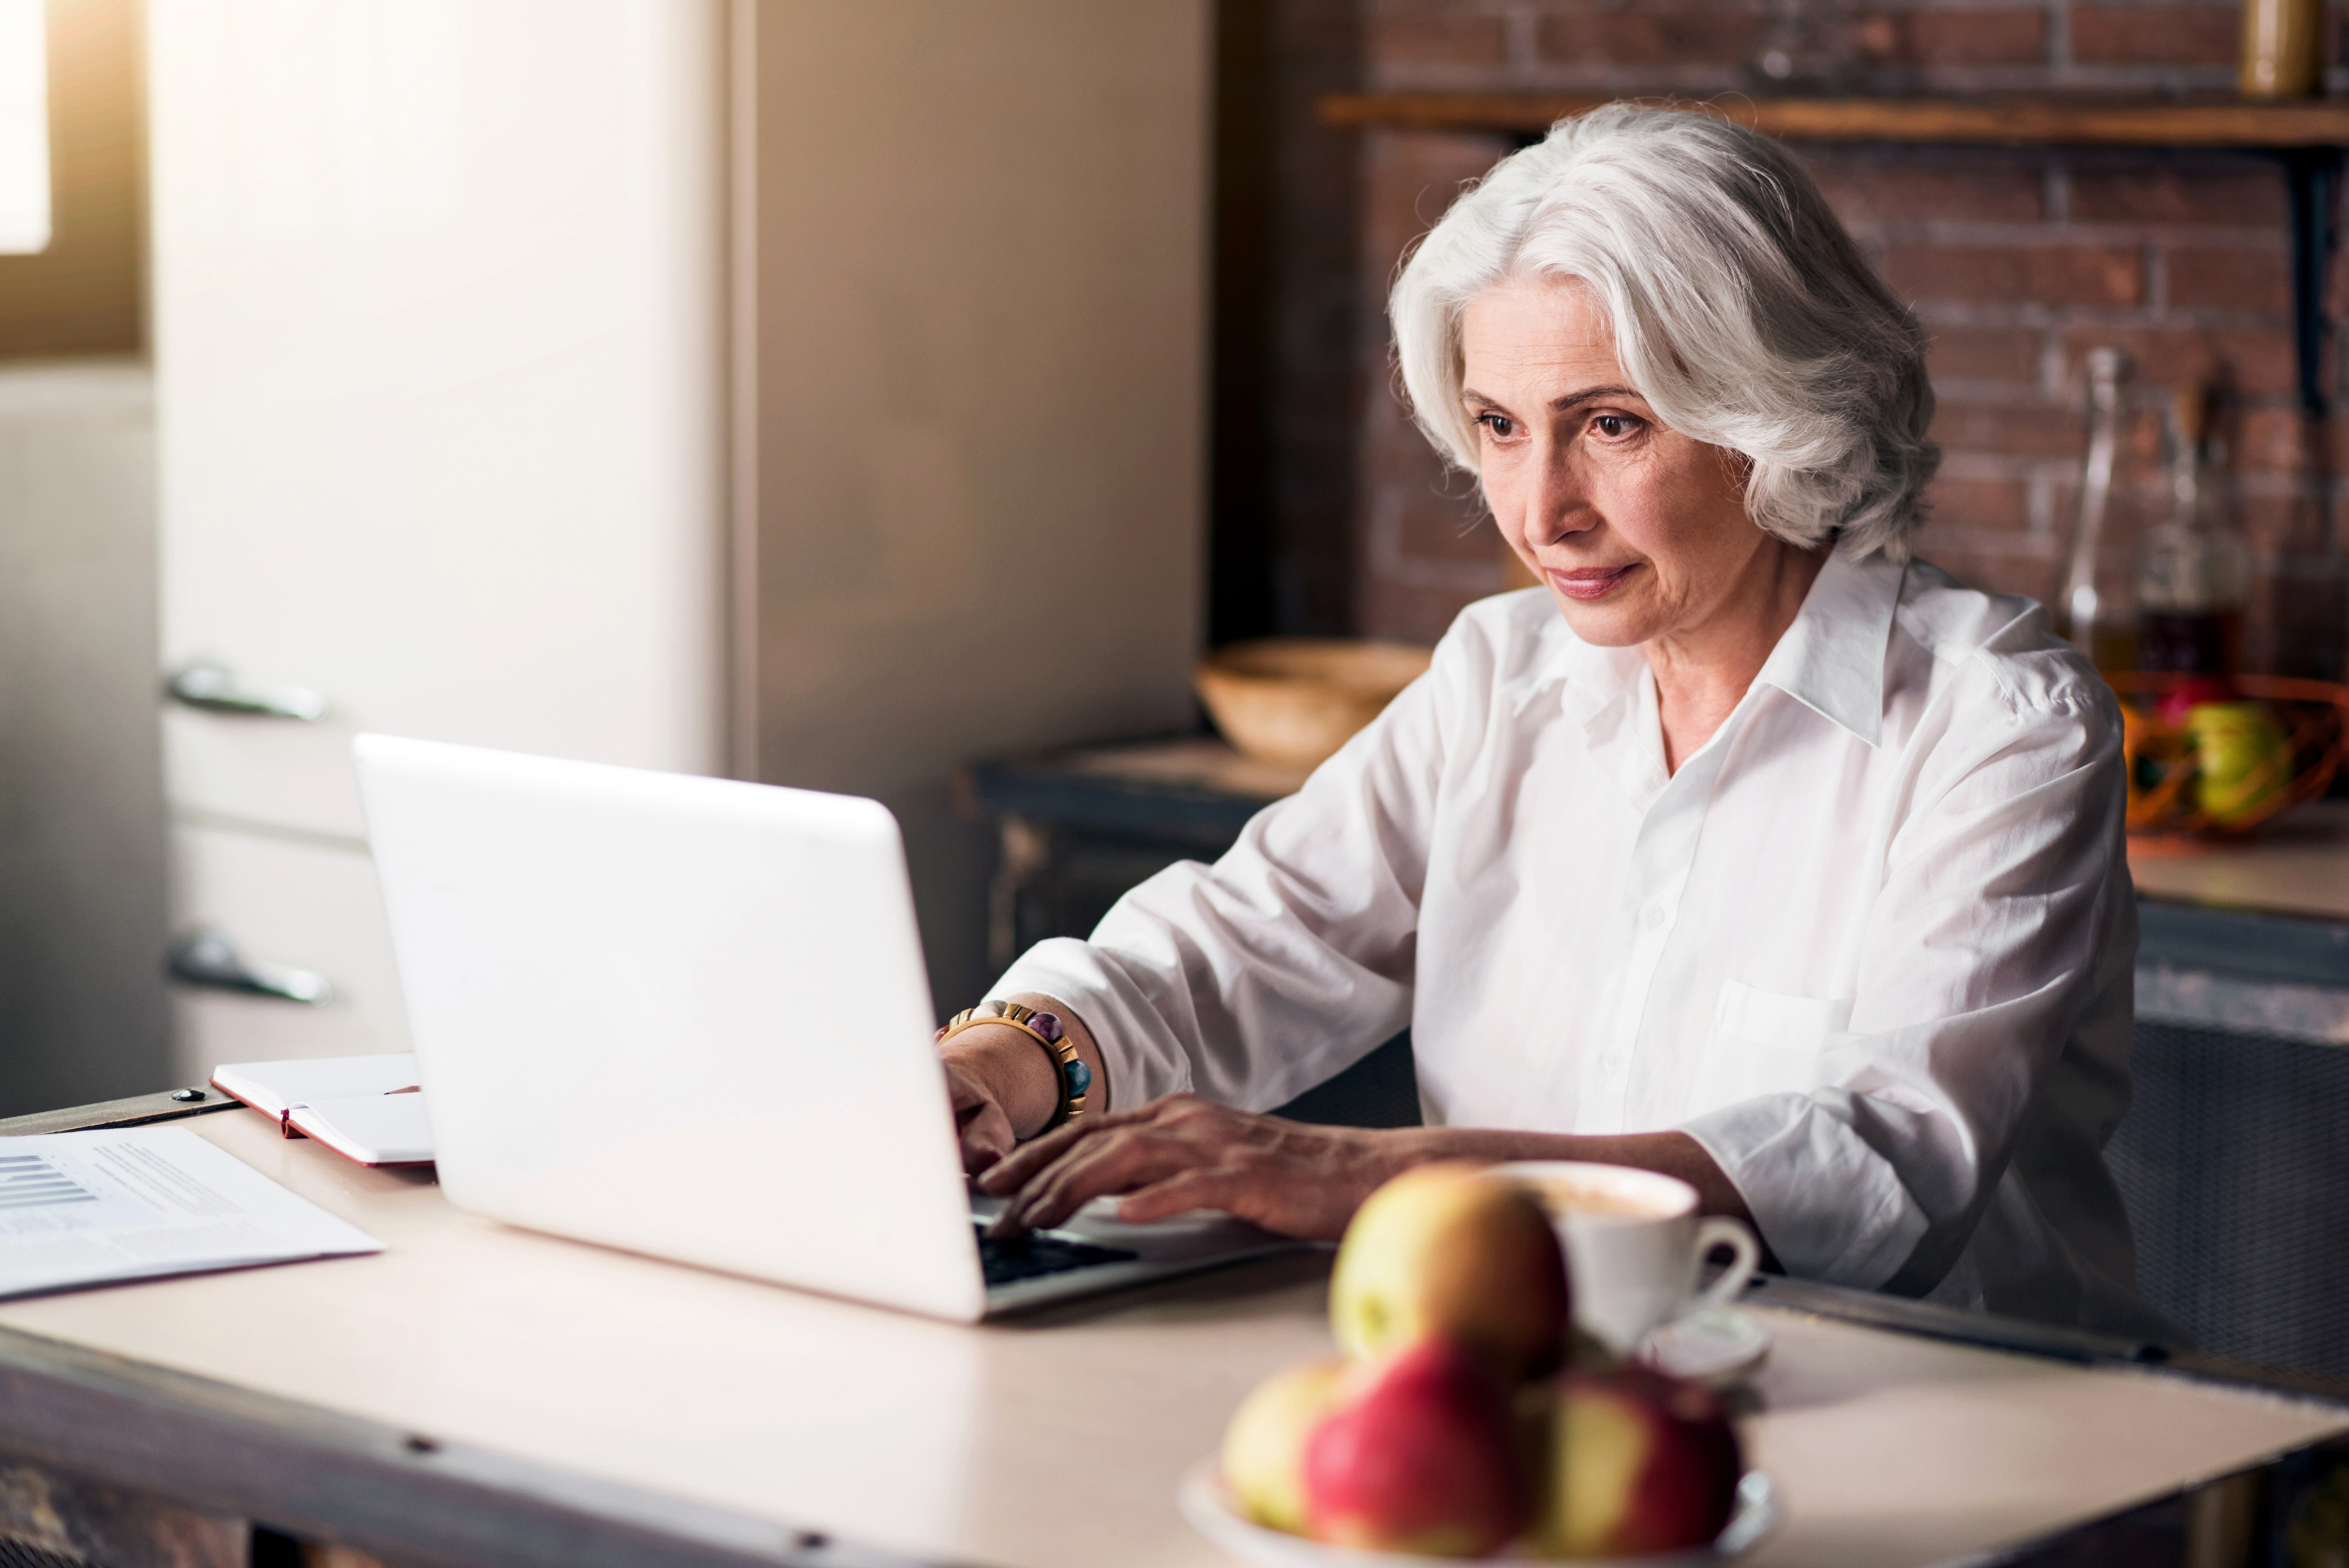 Як заощадити на покупці телефону, ноутбука, телевізора